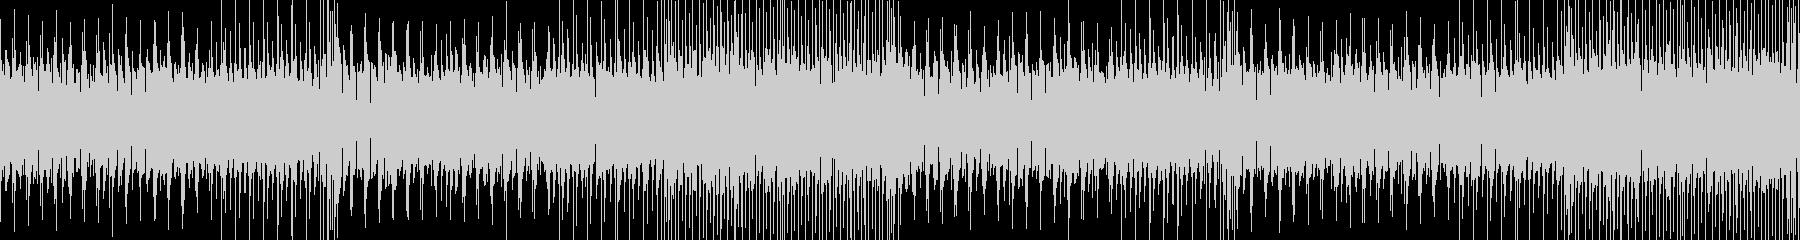 ケルト調の通常戦闘曲(主メロ抜き)の未再生の波形